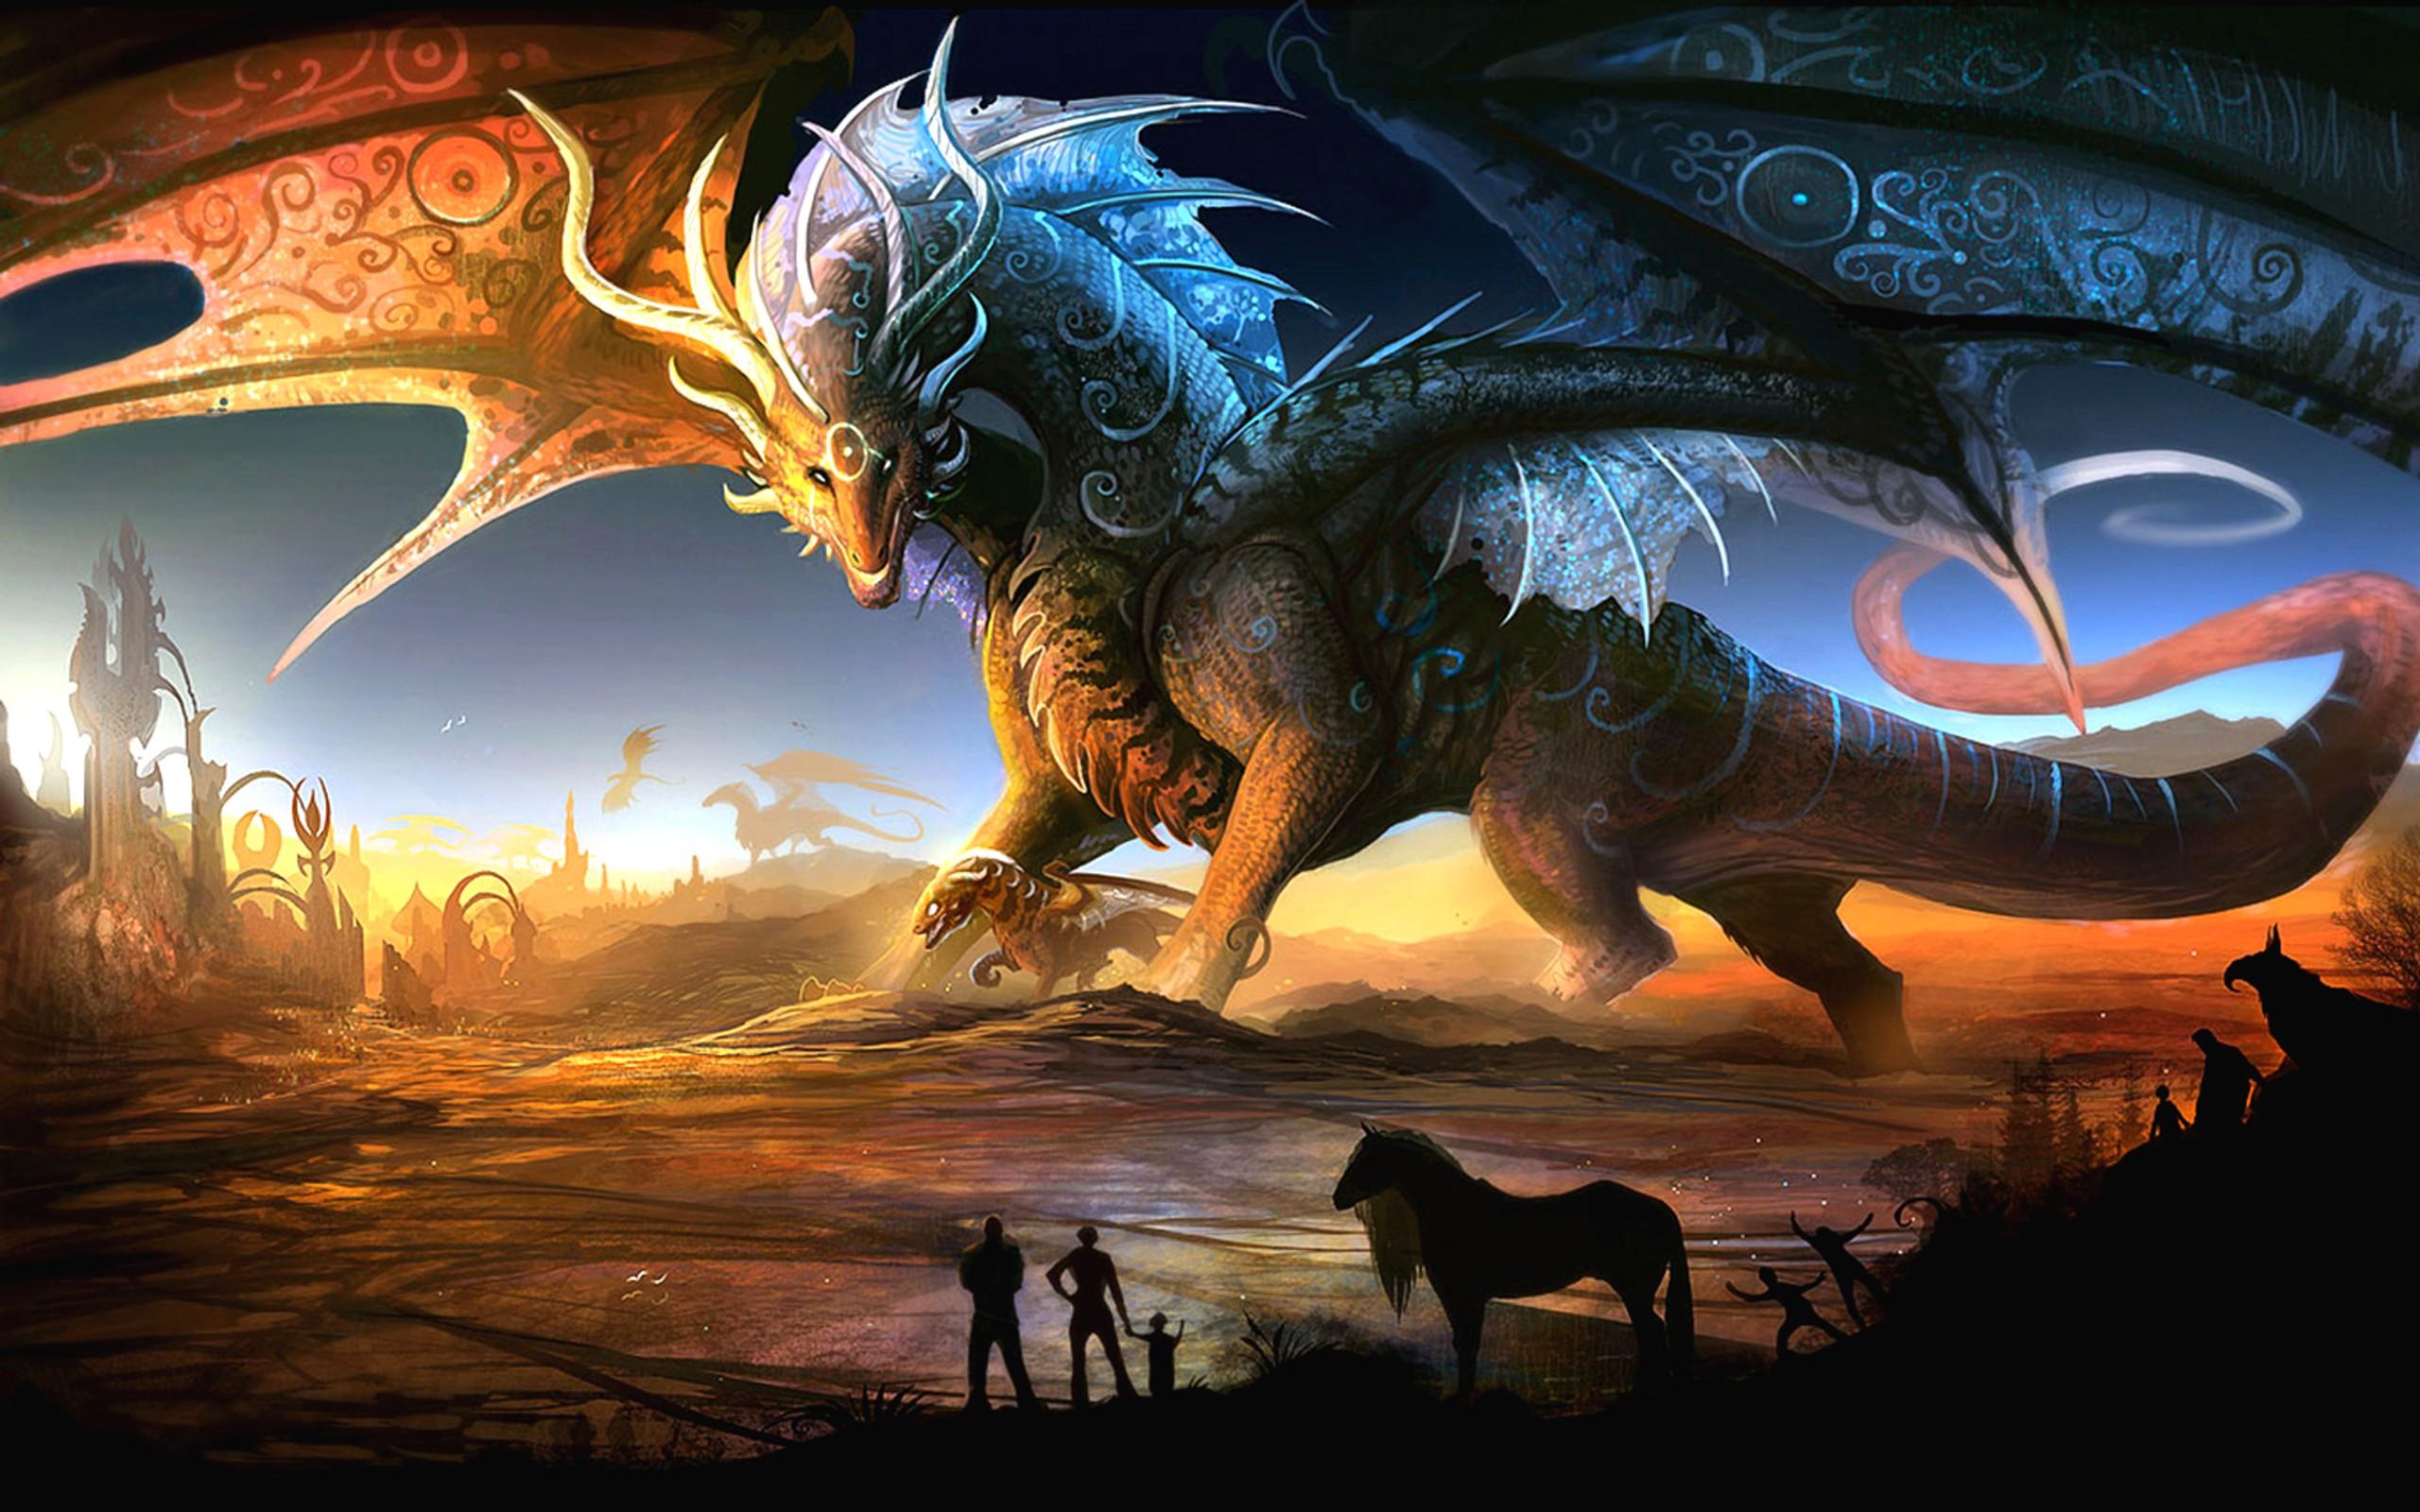 ... Image Dragon #06 Image